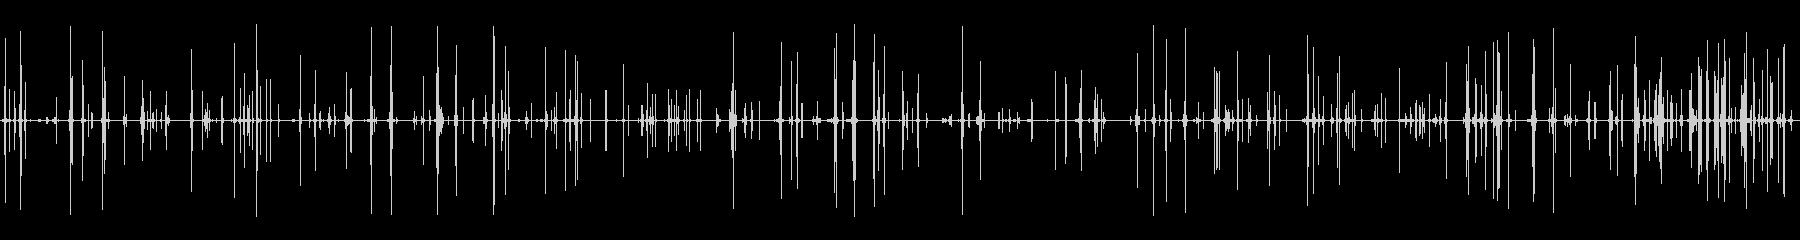 濃い液体の泡の未再生の波形